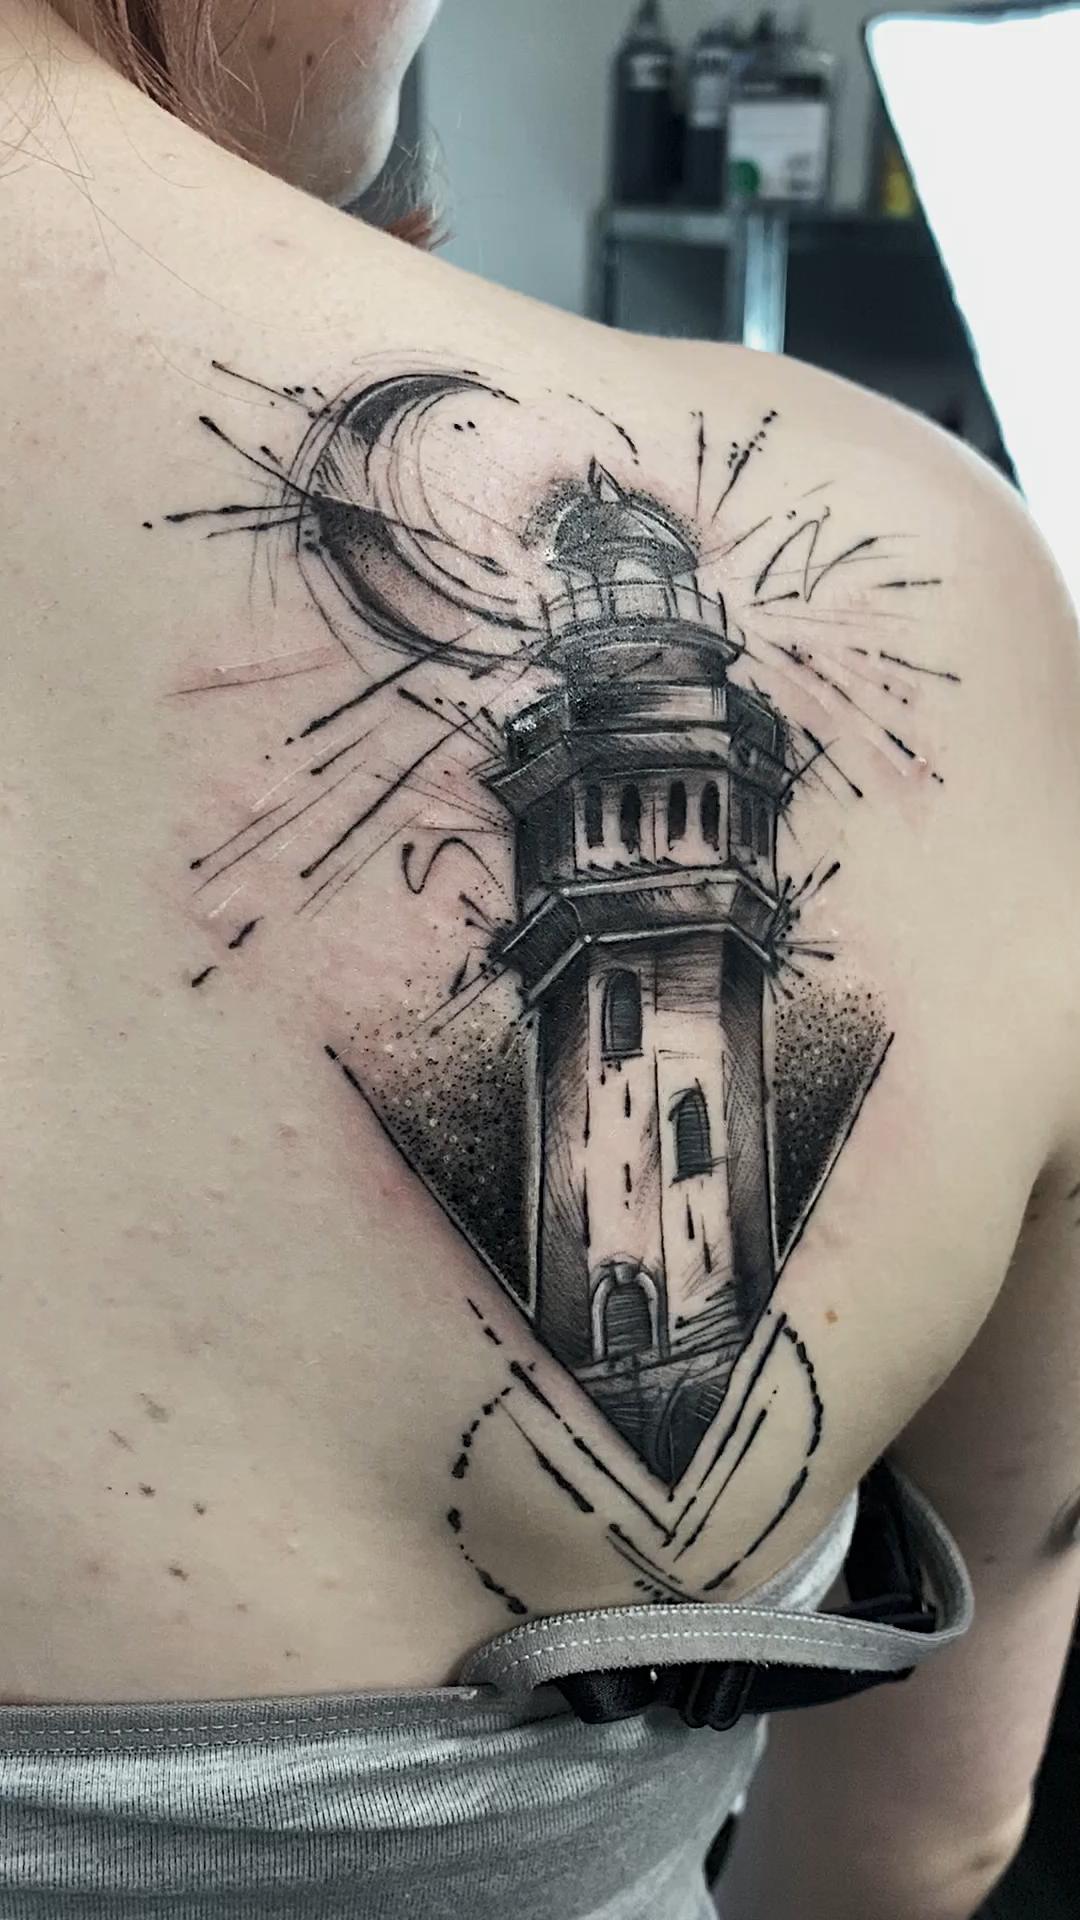 Lighthouse Tattoo Lighthouse Tattoo Tatuajes Creativos Tatuajes De Faro Tatuaje Del Faro